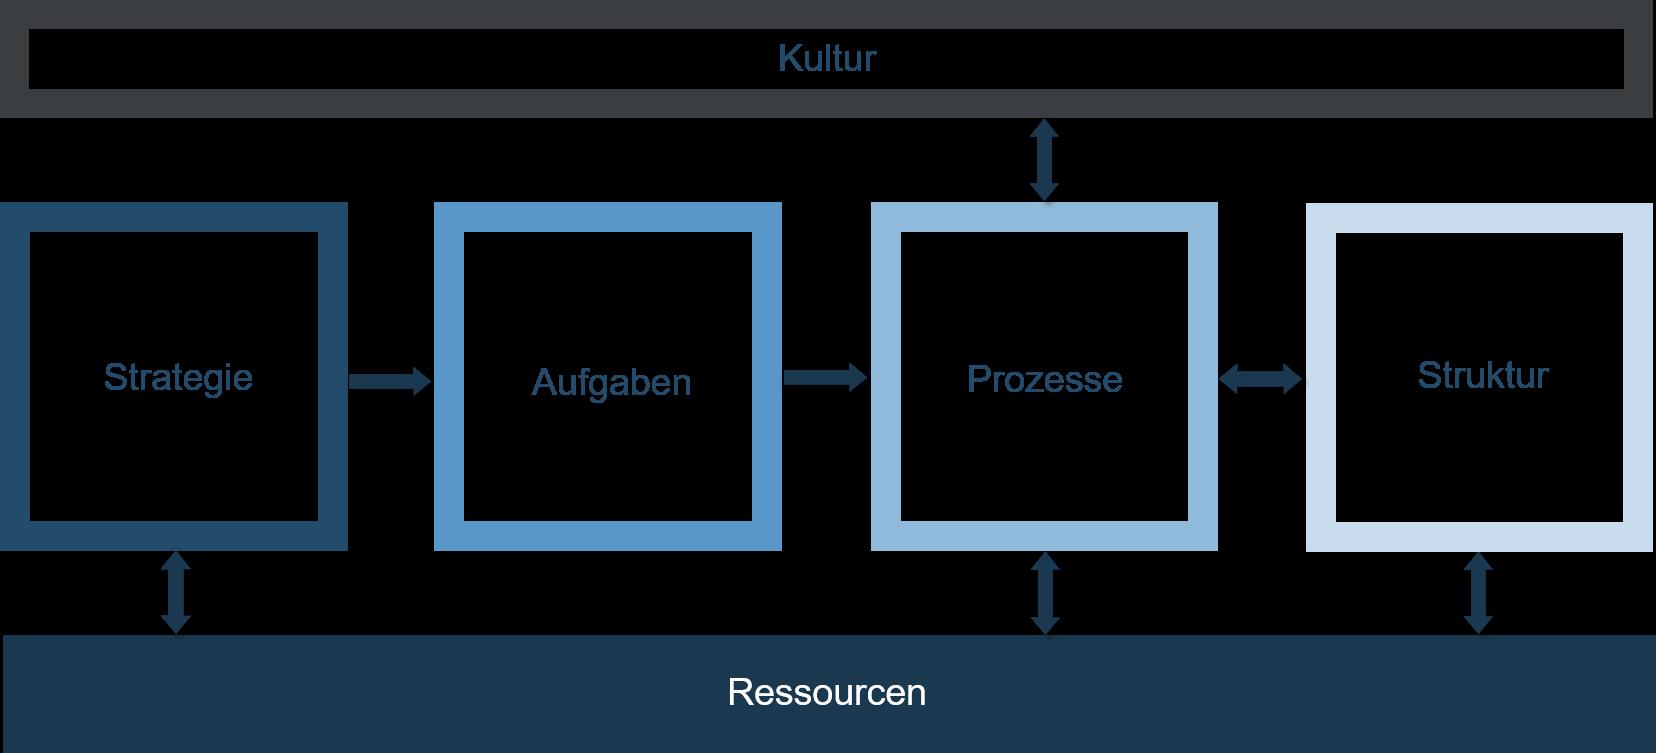 Organisationsentwicklung - Schaubild - Ressourcen